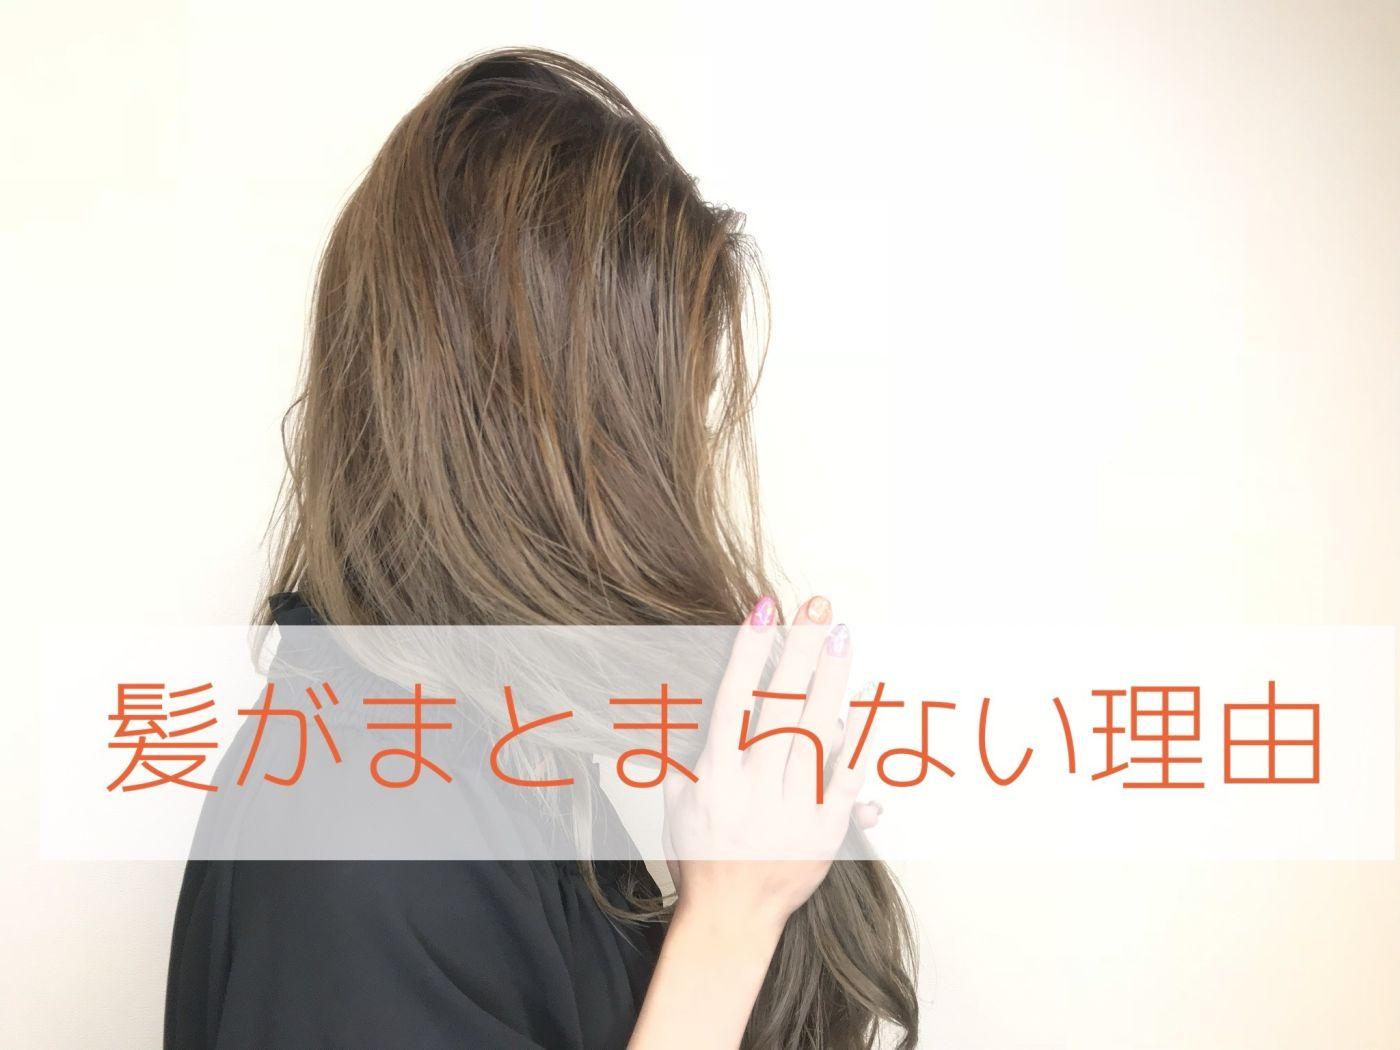 梅雨時期に髪の毛がまとまらない理由